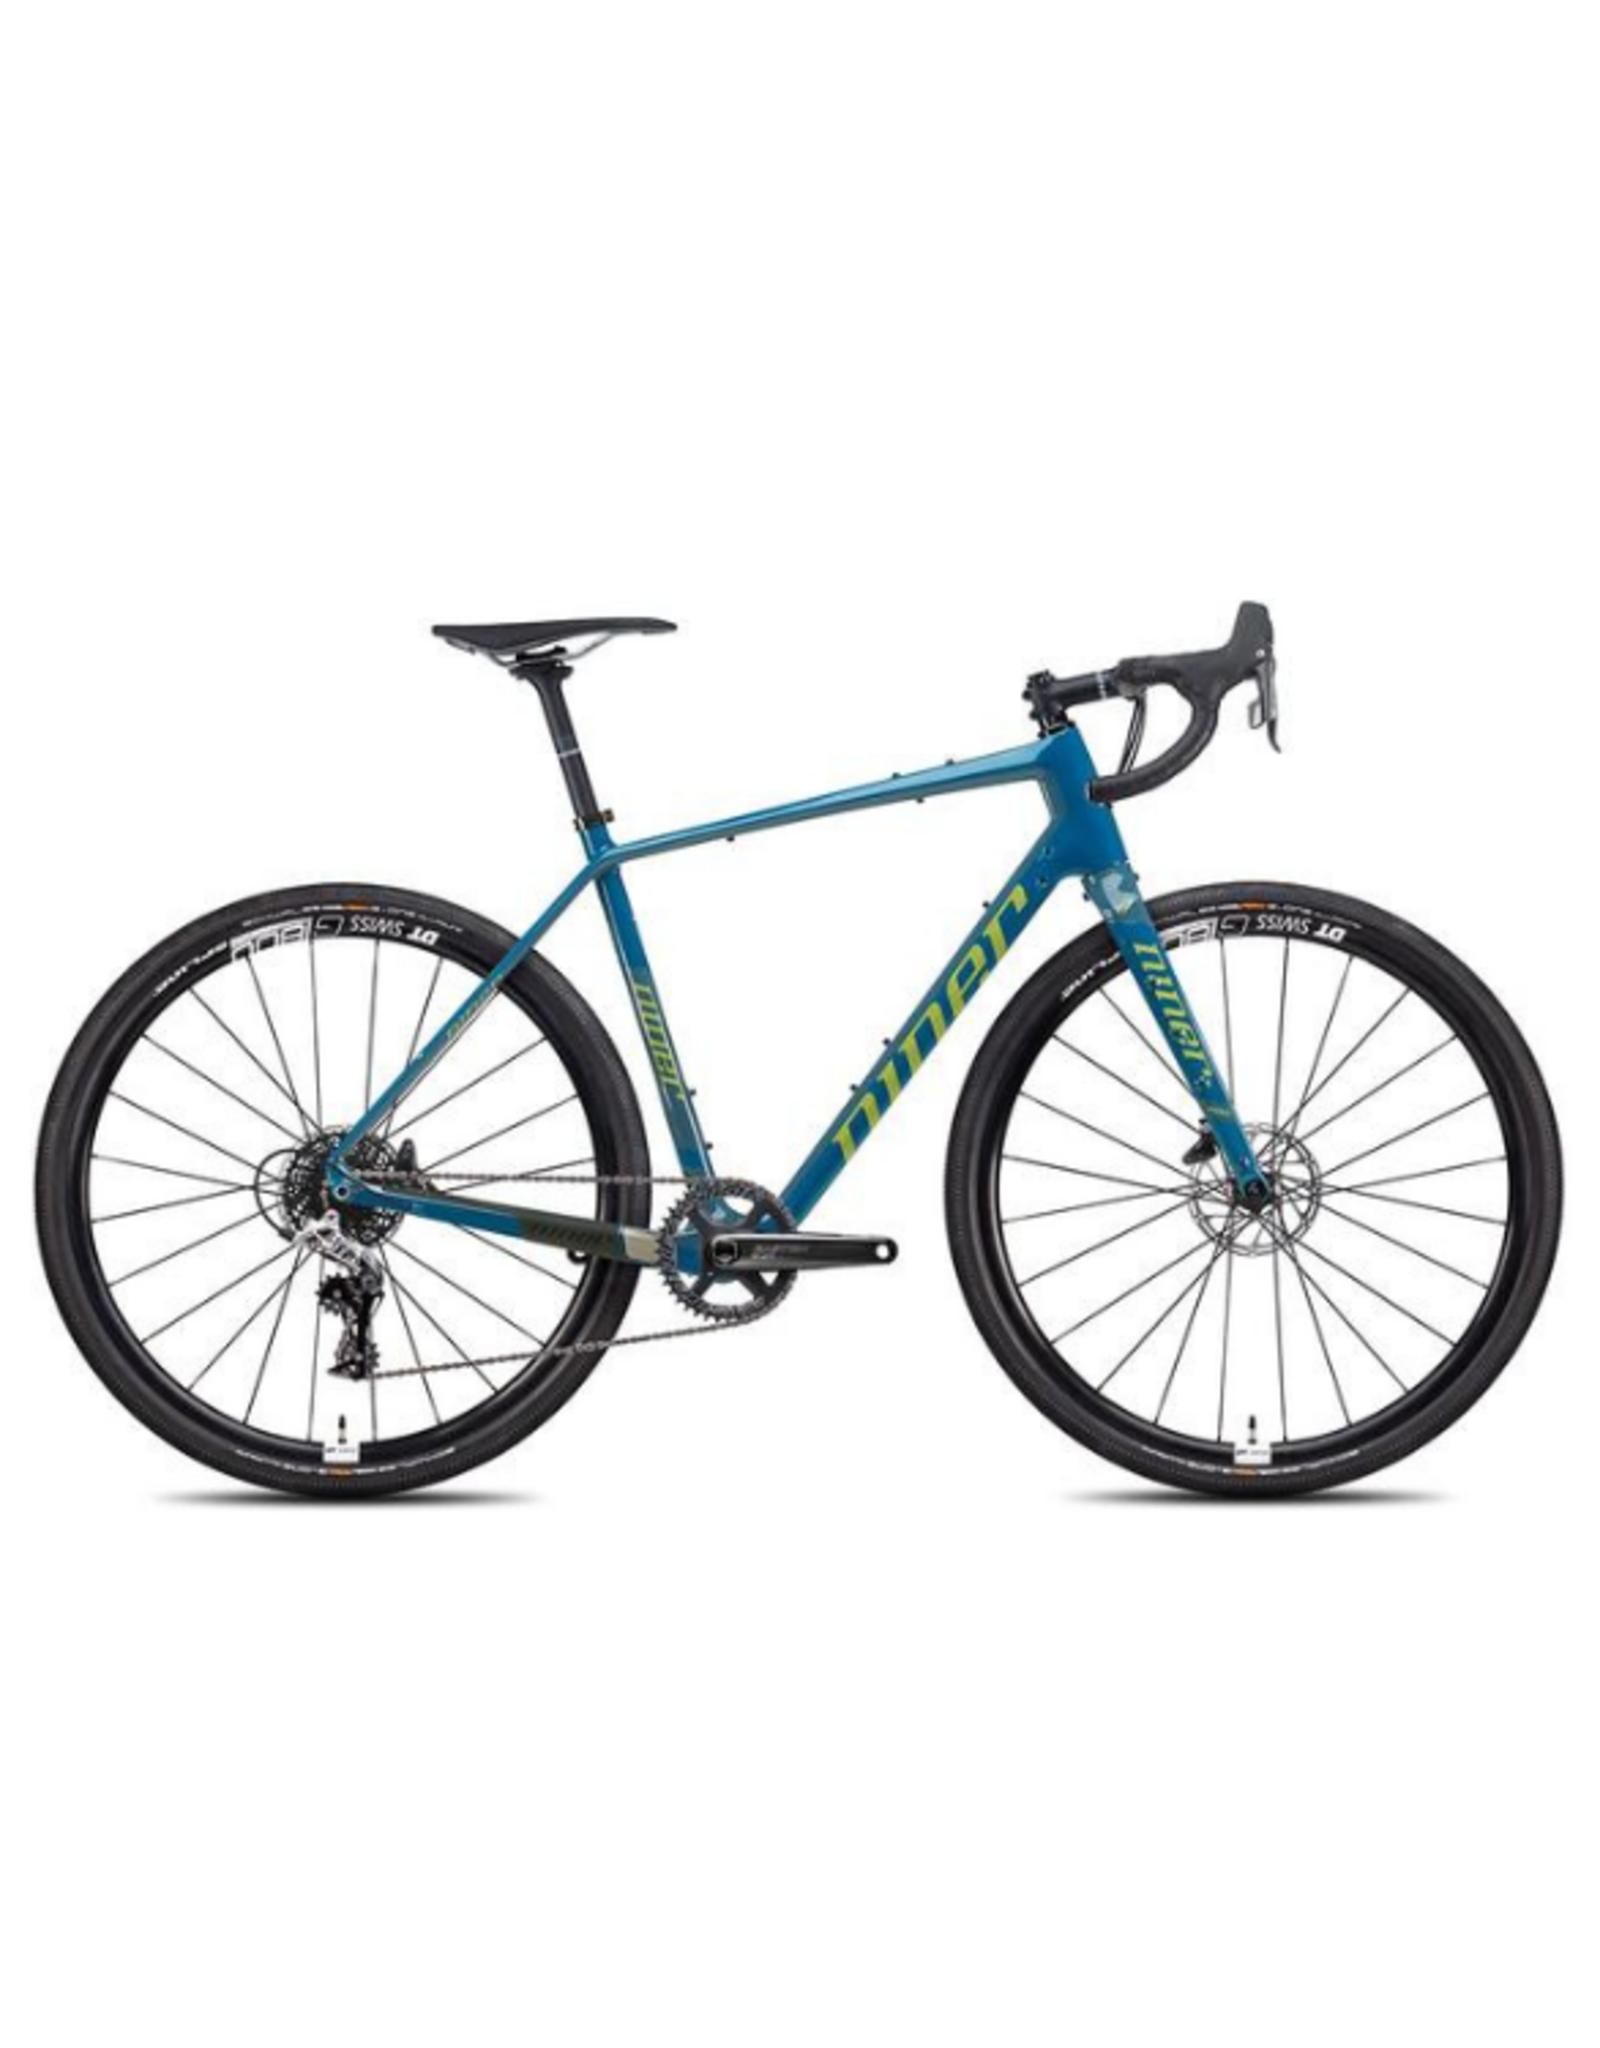 Niner 2021 RLT 9 RDO Carbon Gravel Bike 3-Star